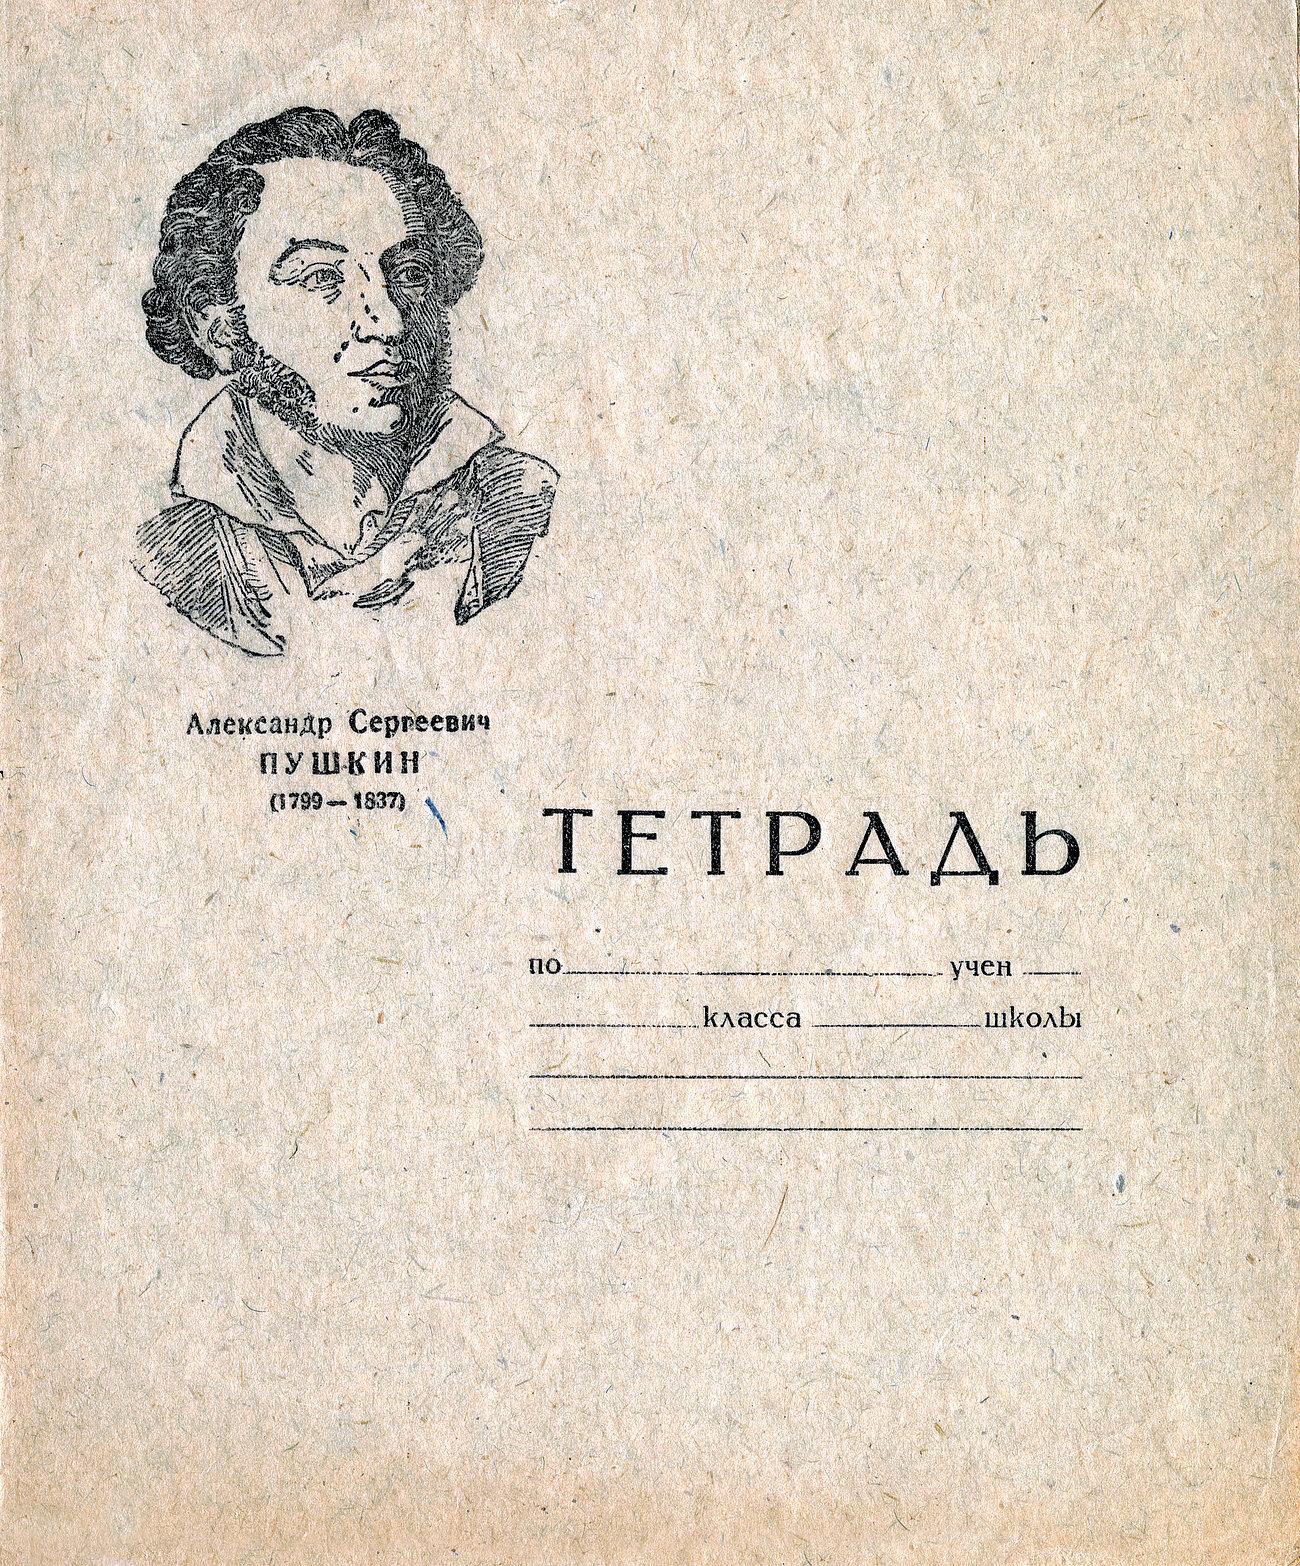 Тетрадь Пушкин (6), 170х205